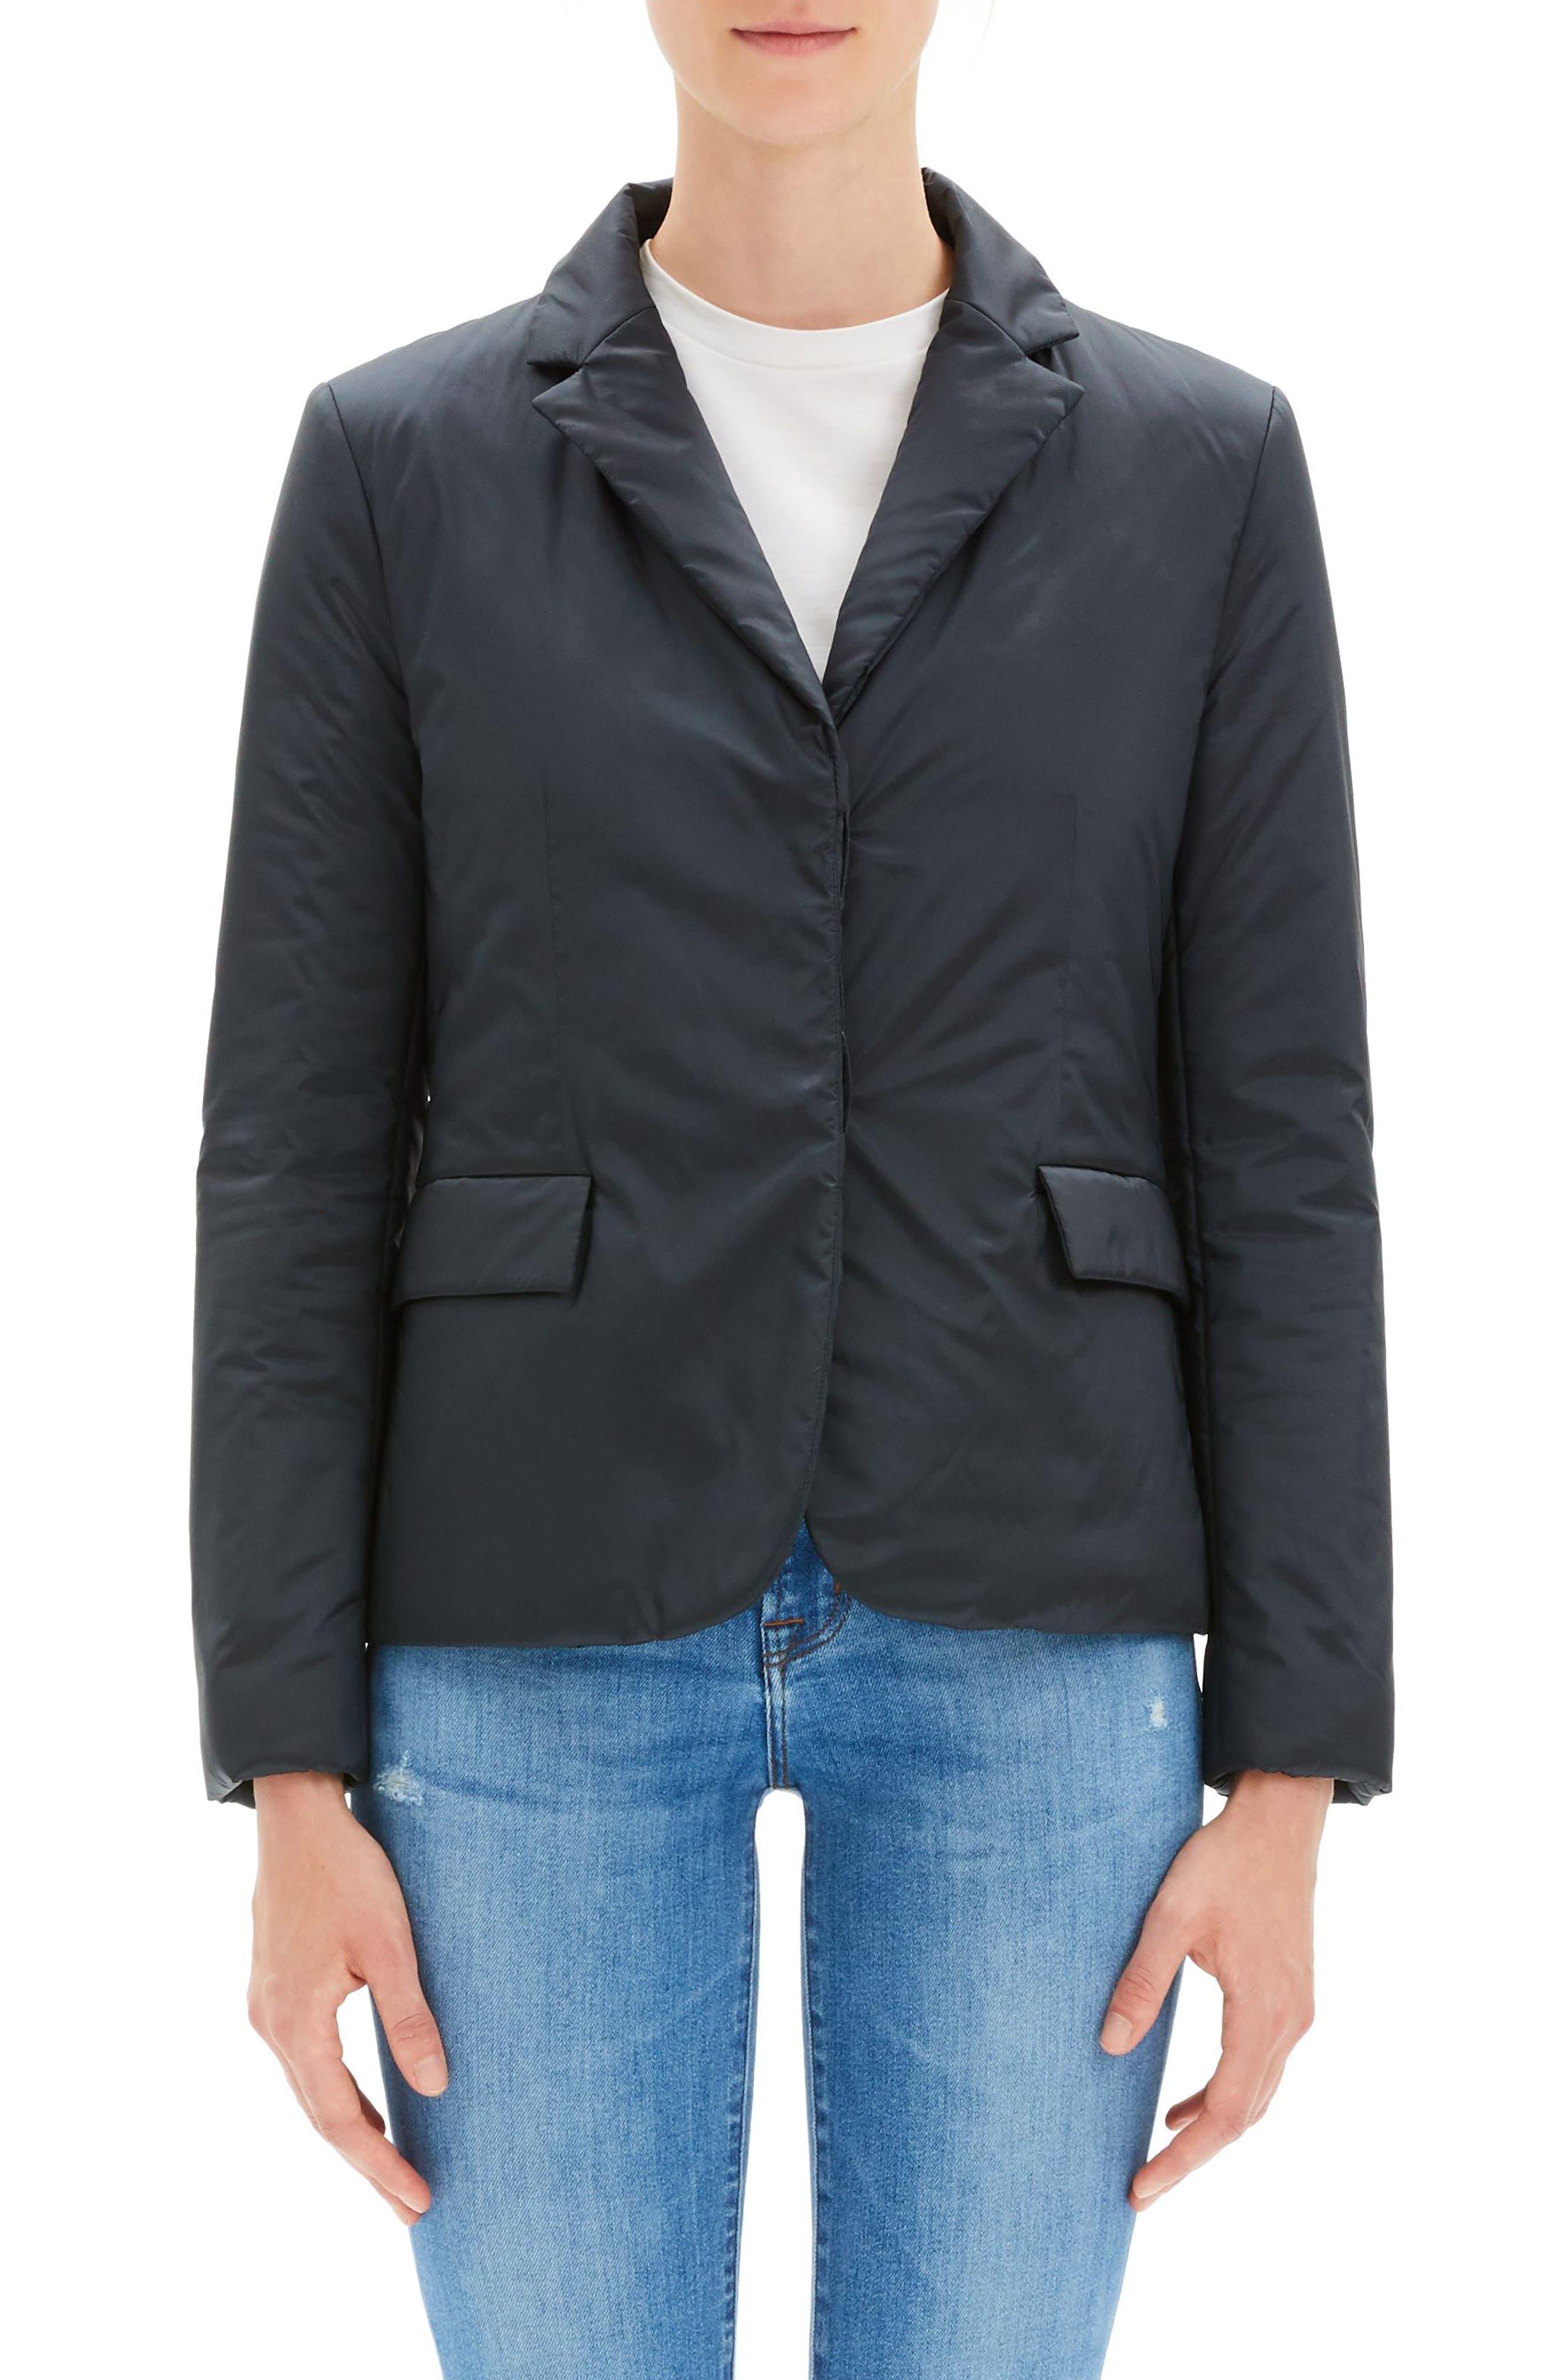 Button-Front Blazer Puffer Jacket in Pale Navy